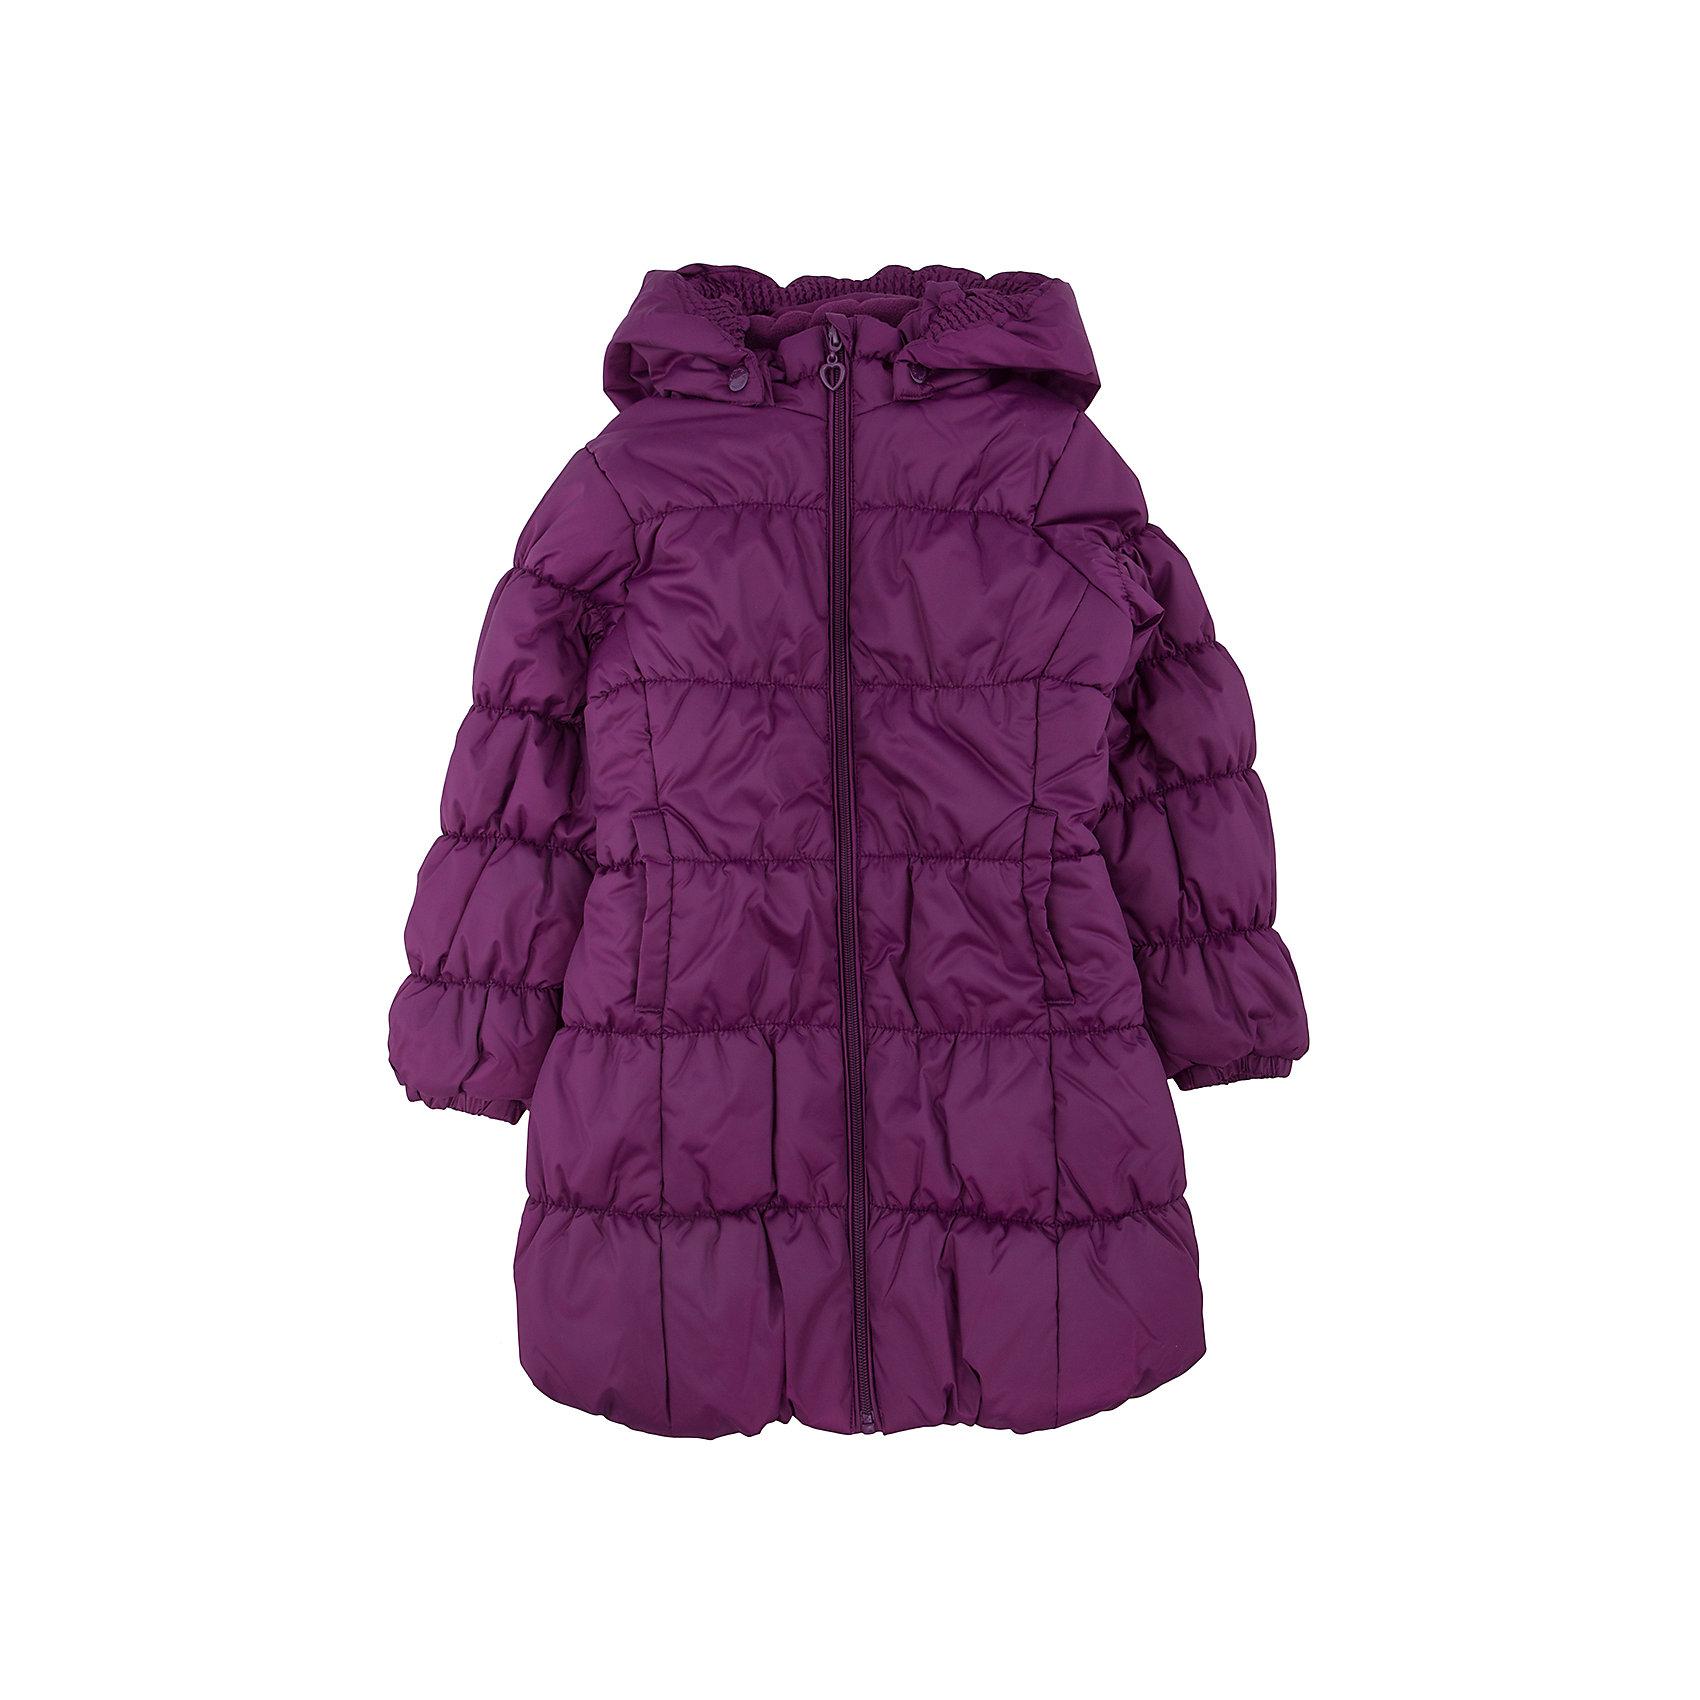 Куртка для девочки PlayTodayПальто и плащи<br>Куртка для девочки от известного бренда PlayToday.<br>Стильное утепленное пальто с эластичной стежкой. Застегивается на молнию с защитой подбородка и фигурным пуллером-сердечком. Капюшон на резинке удобно отстегивается. На воротнике мягкий флисовый манжет. Благодаря стежке достигается удобная посадка по фигуре ребенка и усиливаются теплозащитные свойства. По бокам два кармана.<br>Состав:<br>Верх: 100% полиэстер, Подкладка: 100% полиэстер, Наполнитель: 100% полиэстер, 250 г/м2<br><br>Ширина мм: 356<br>Глубина мм: 10<br>Высота мм: 245<br>Вес г: 519<br>Цвет: красный<br>Возраст от месяцев: 60<br>Возраст до месяцев: 72<br>Пол: Женский<br>Возраст: Детский<br>Размер: 116,122,104,128,110,98<br>SKU: 4896924